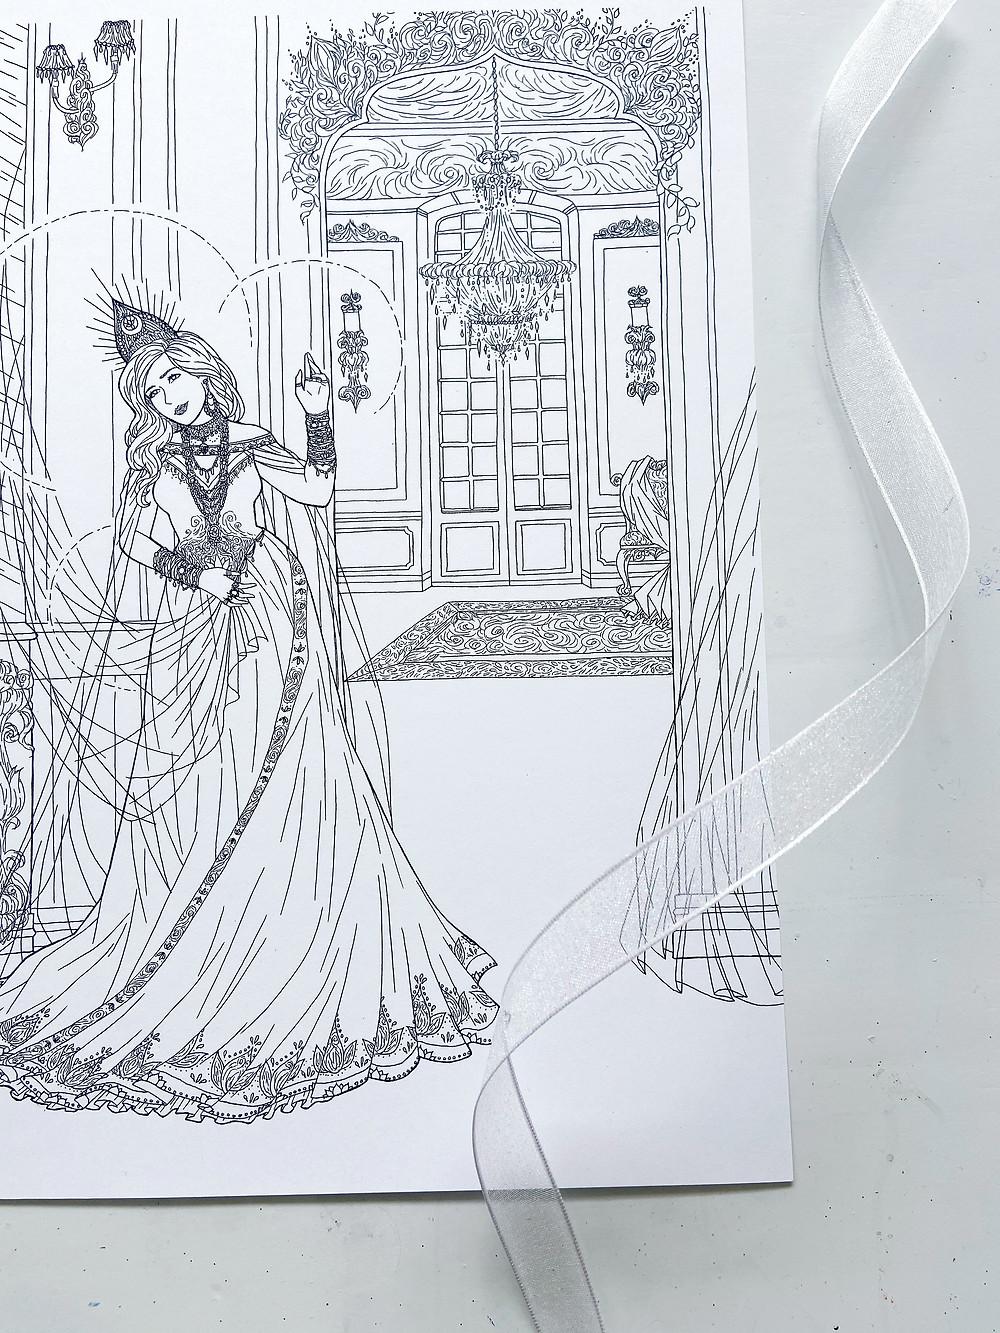 goddess Laksmi lounging in her elegant mansion - artwork in pen and ink